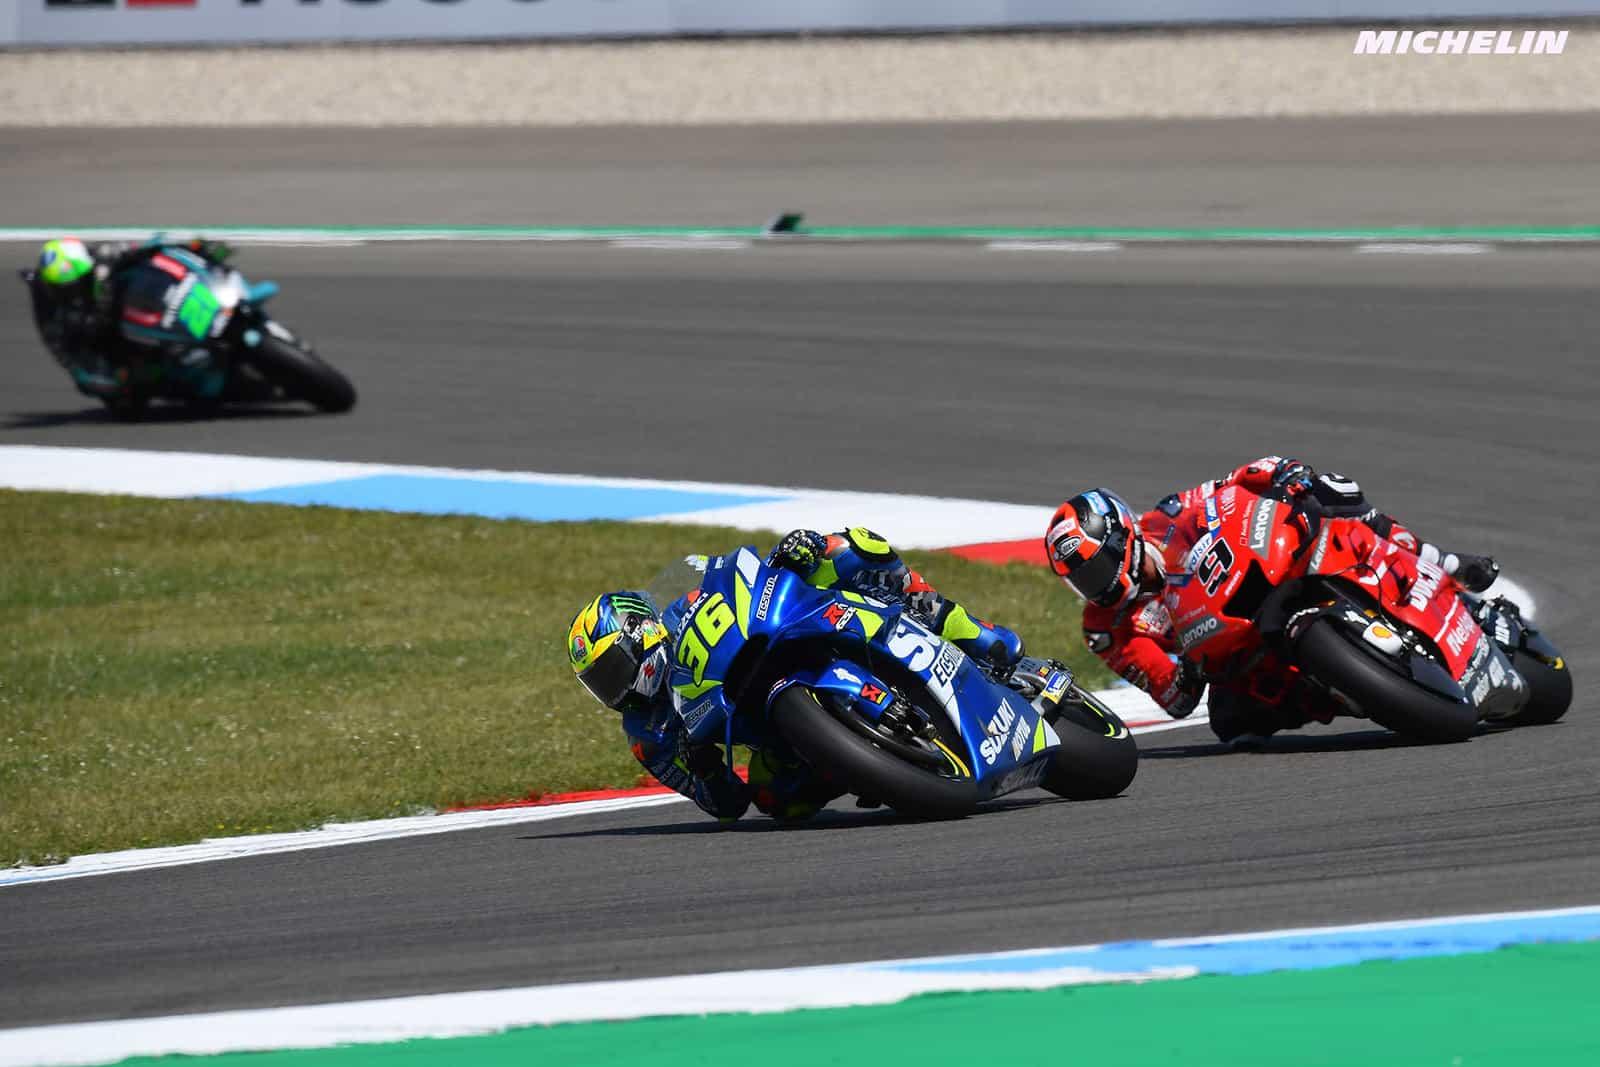 MotoGP2019オランダGP 8位ミル「フィーリングが良くなっているのでザクセンリンクが楽しみ」